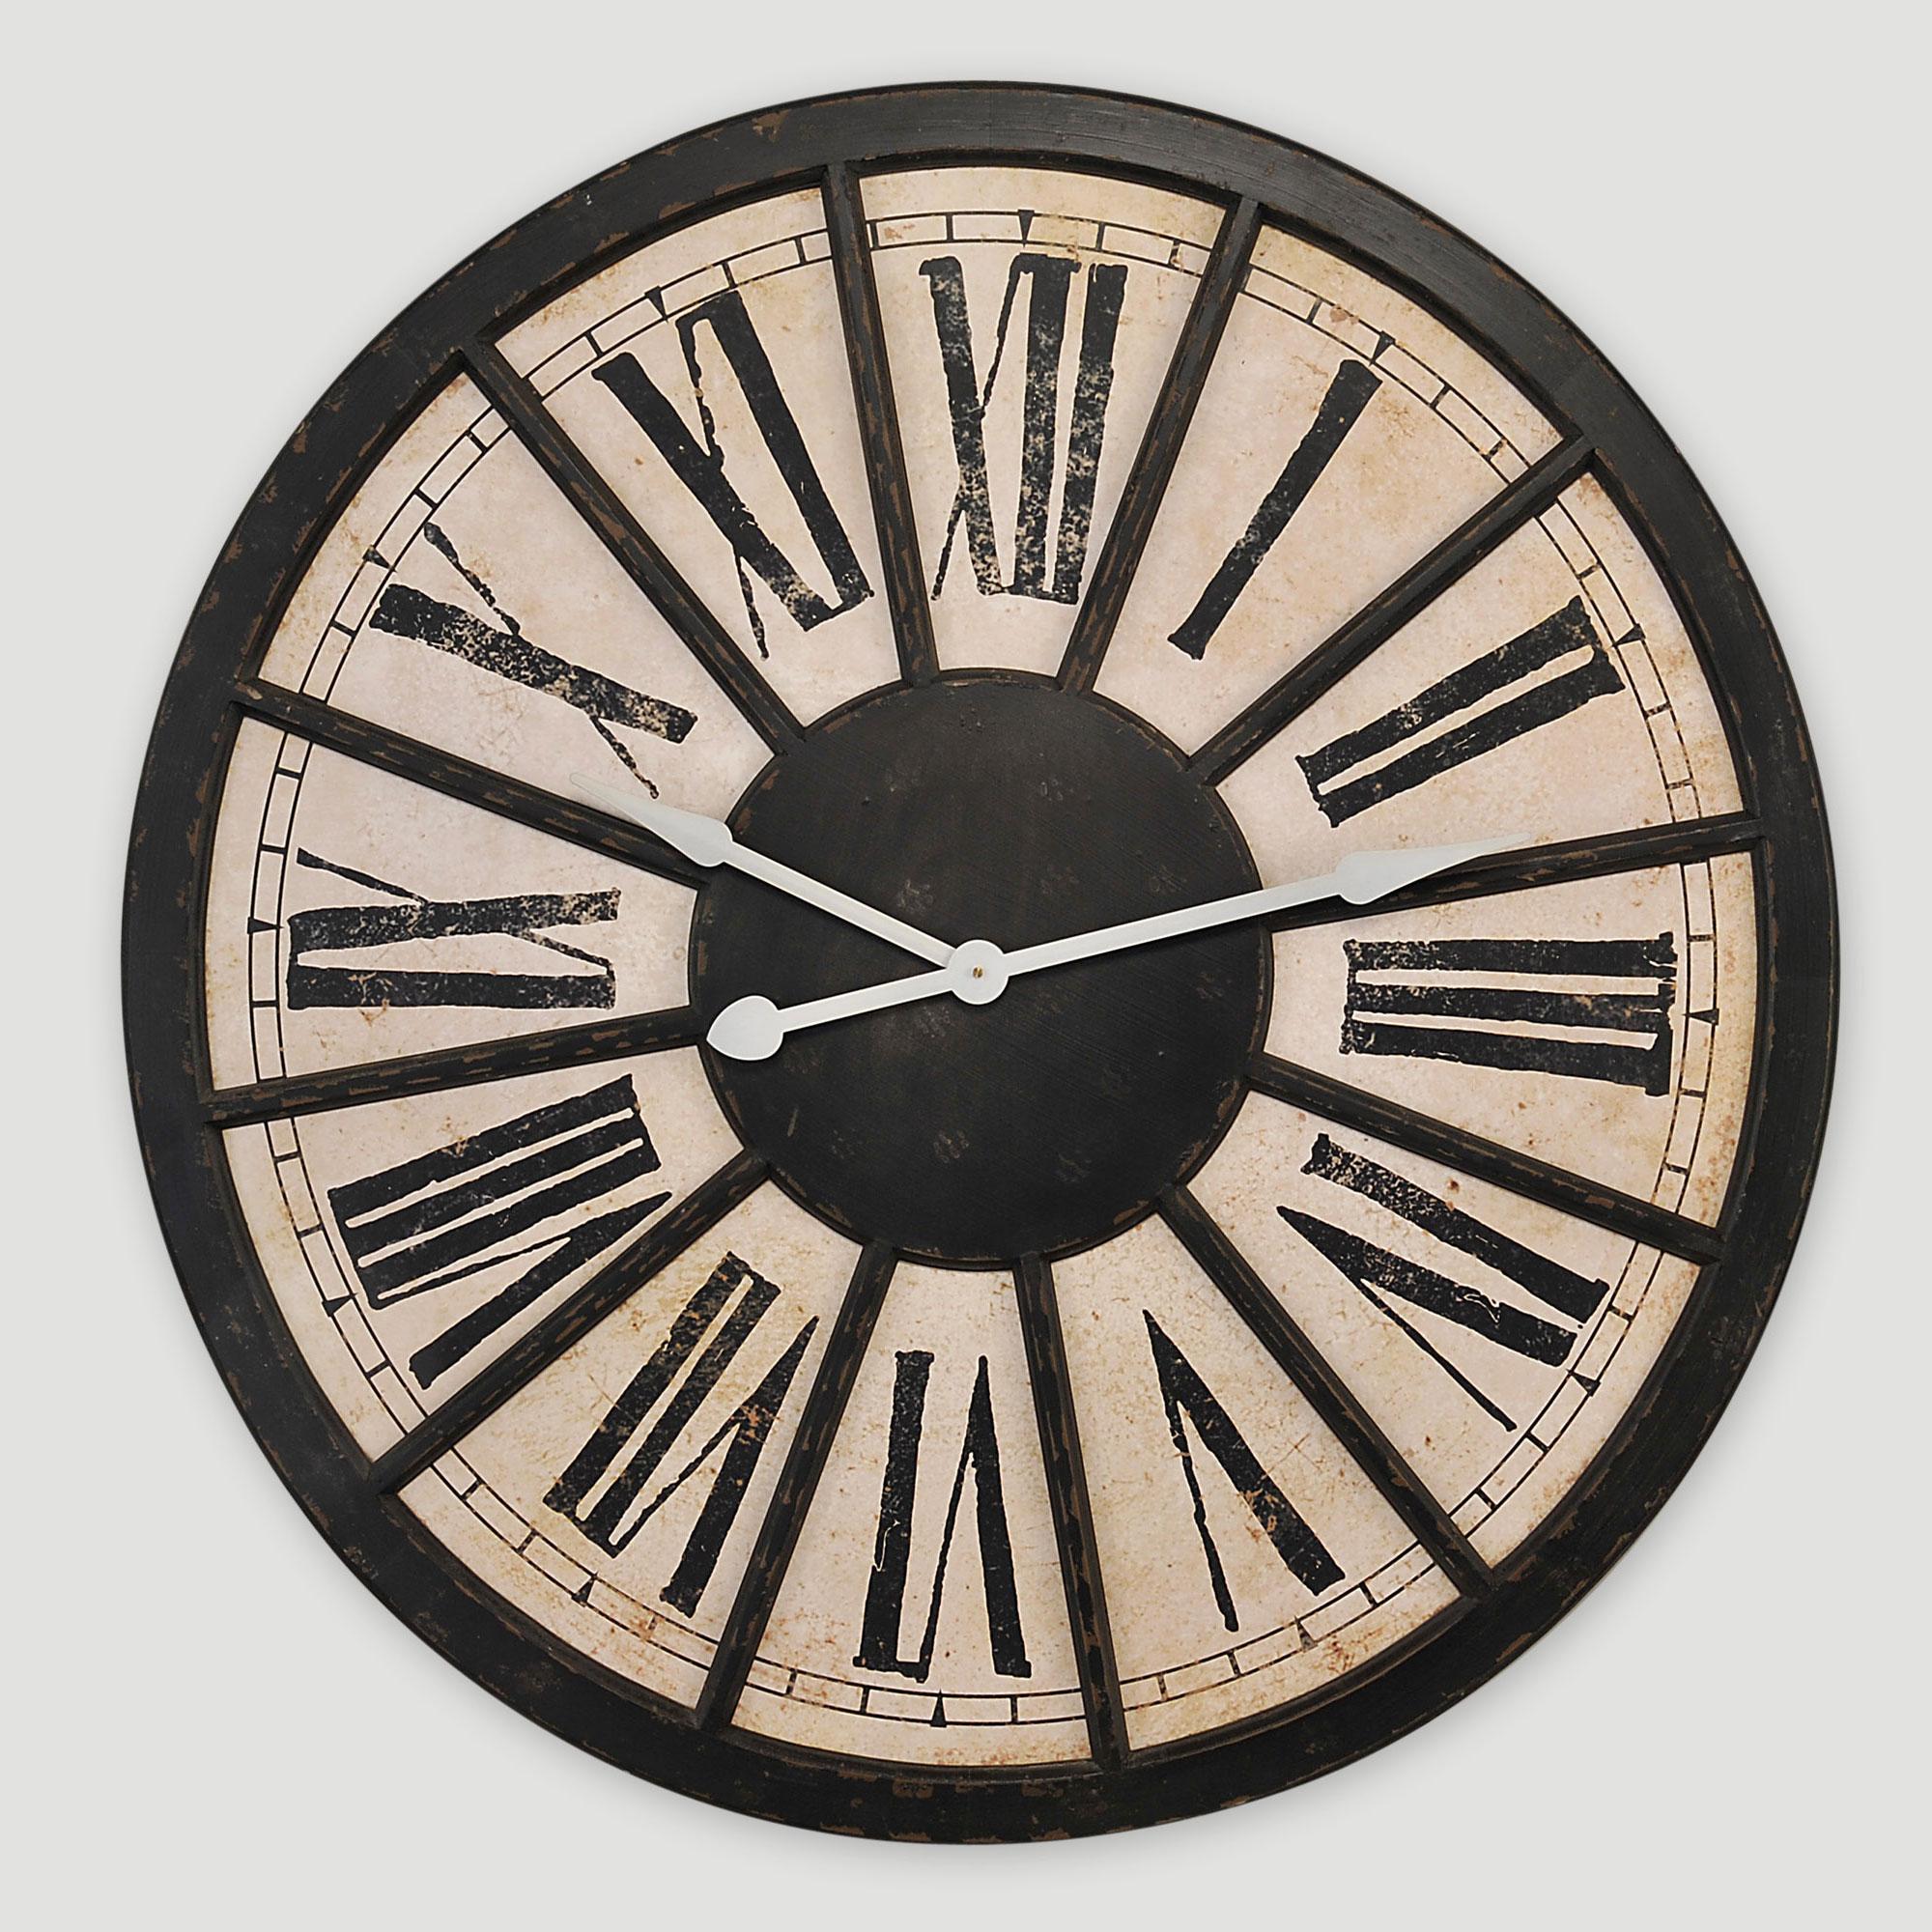 Horaires d ouverture d cembre 2014 librairie mise en page for Horloge murale 80 cm